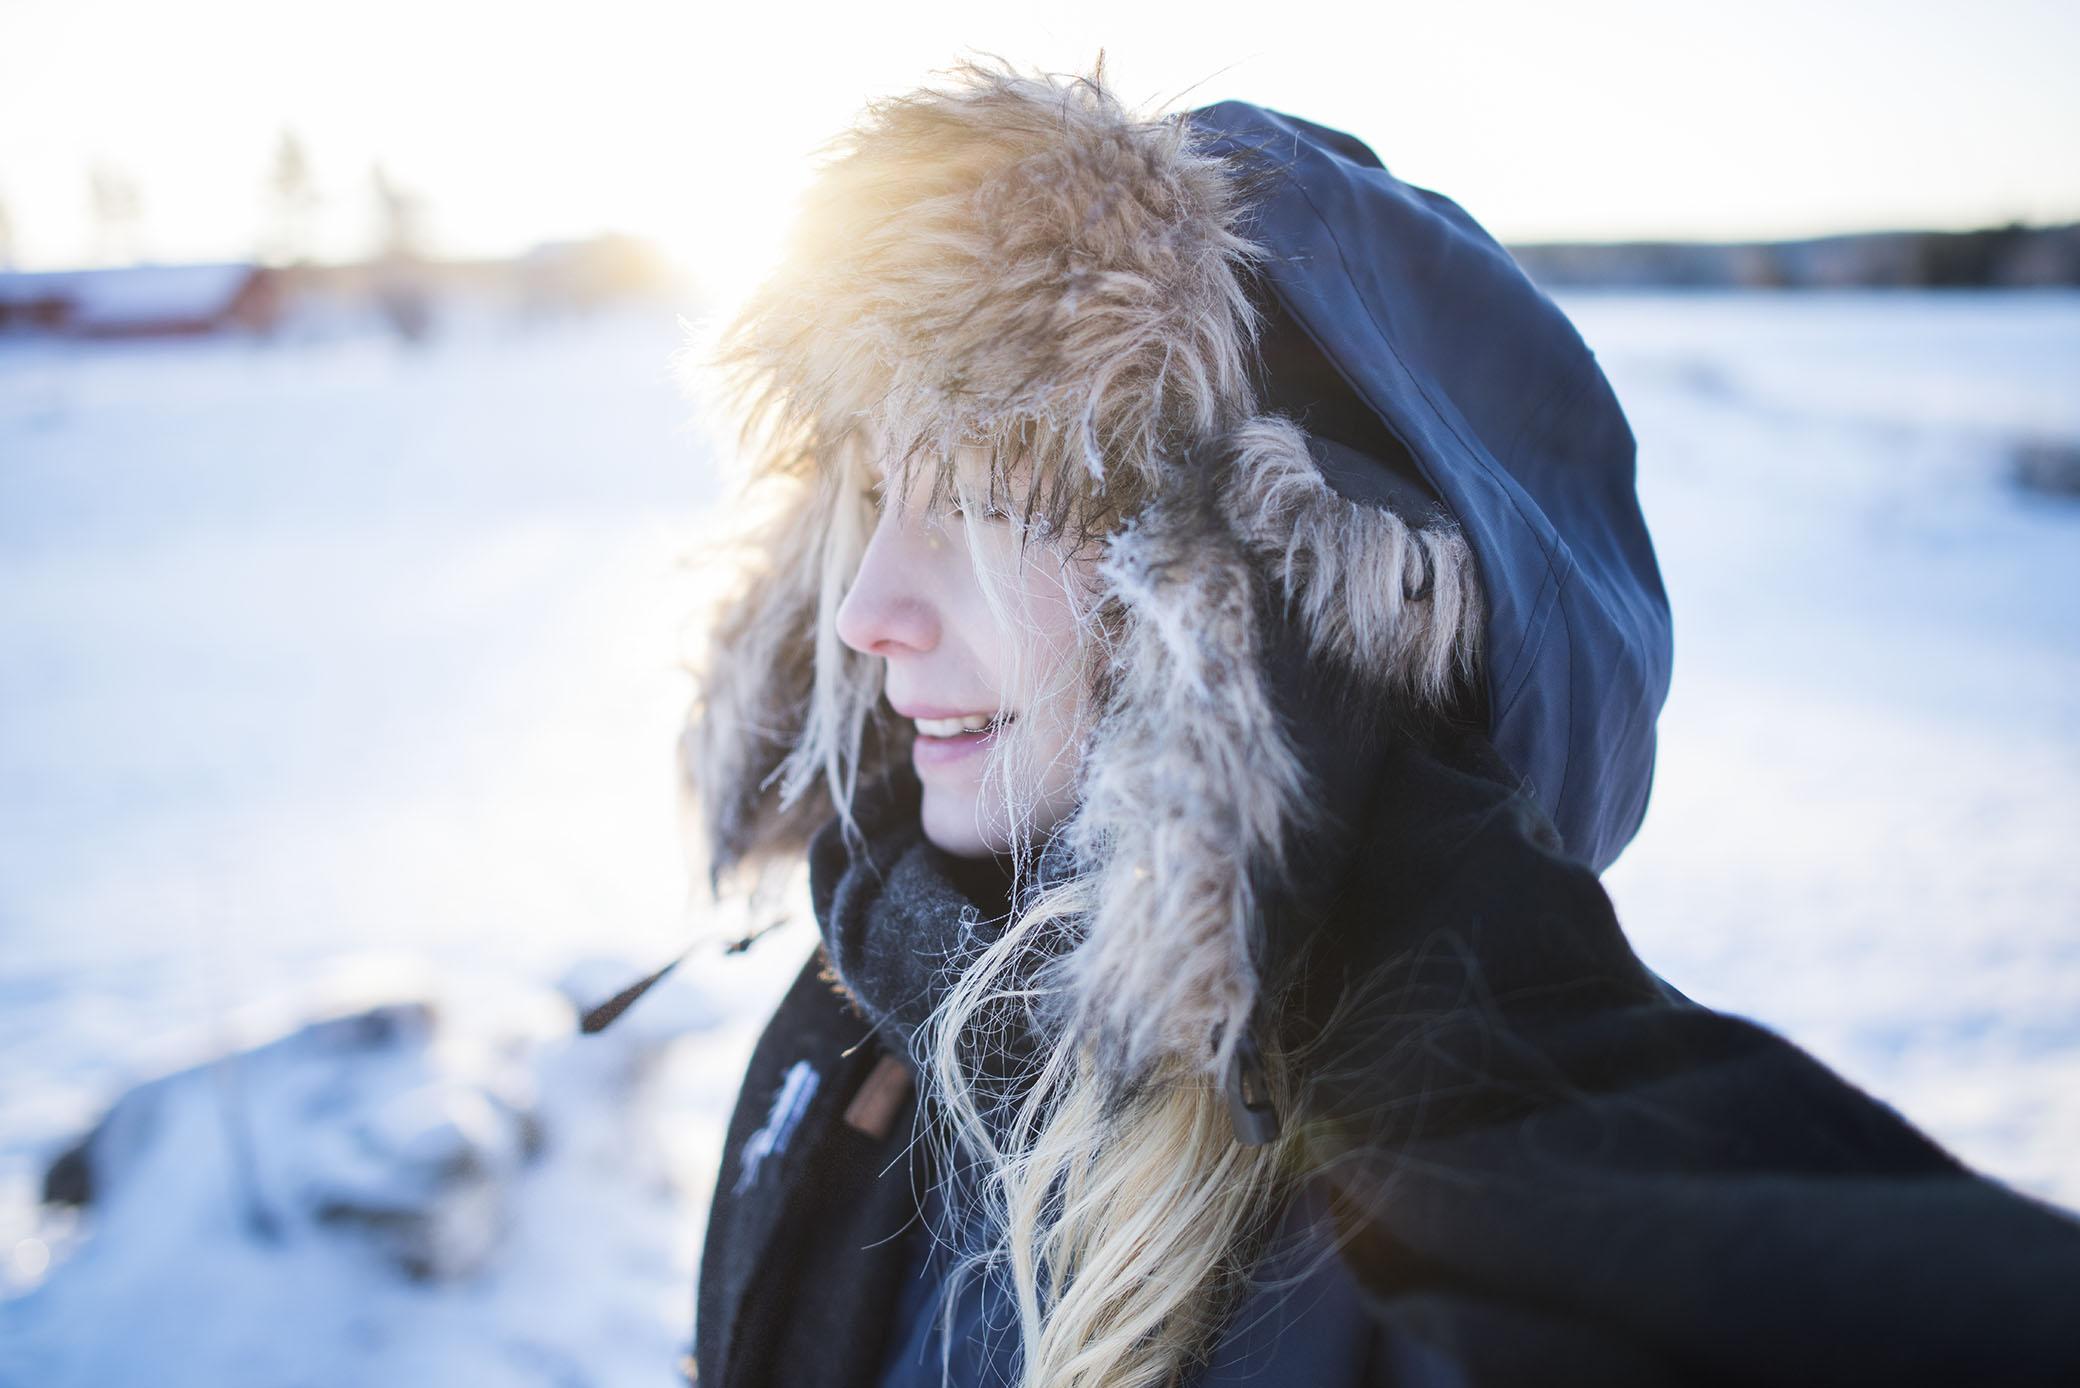 Ute i -30 grader. Luften är rysligt kall men ändå älskar jag att ta riktigt djupa andetag av riktigt iskall luft. Det känns så uppfriskande. Som om man andas in ny energi som renar hela kroppen.